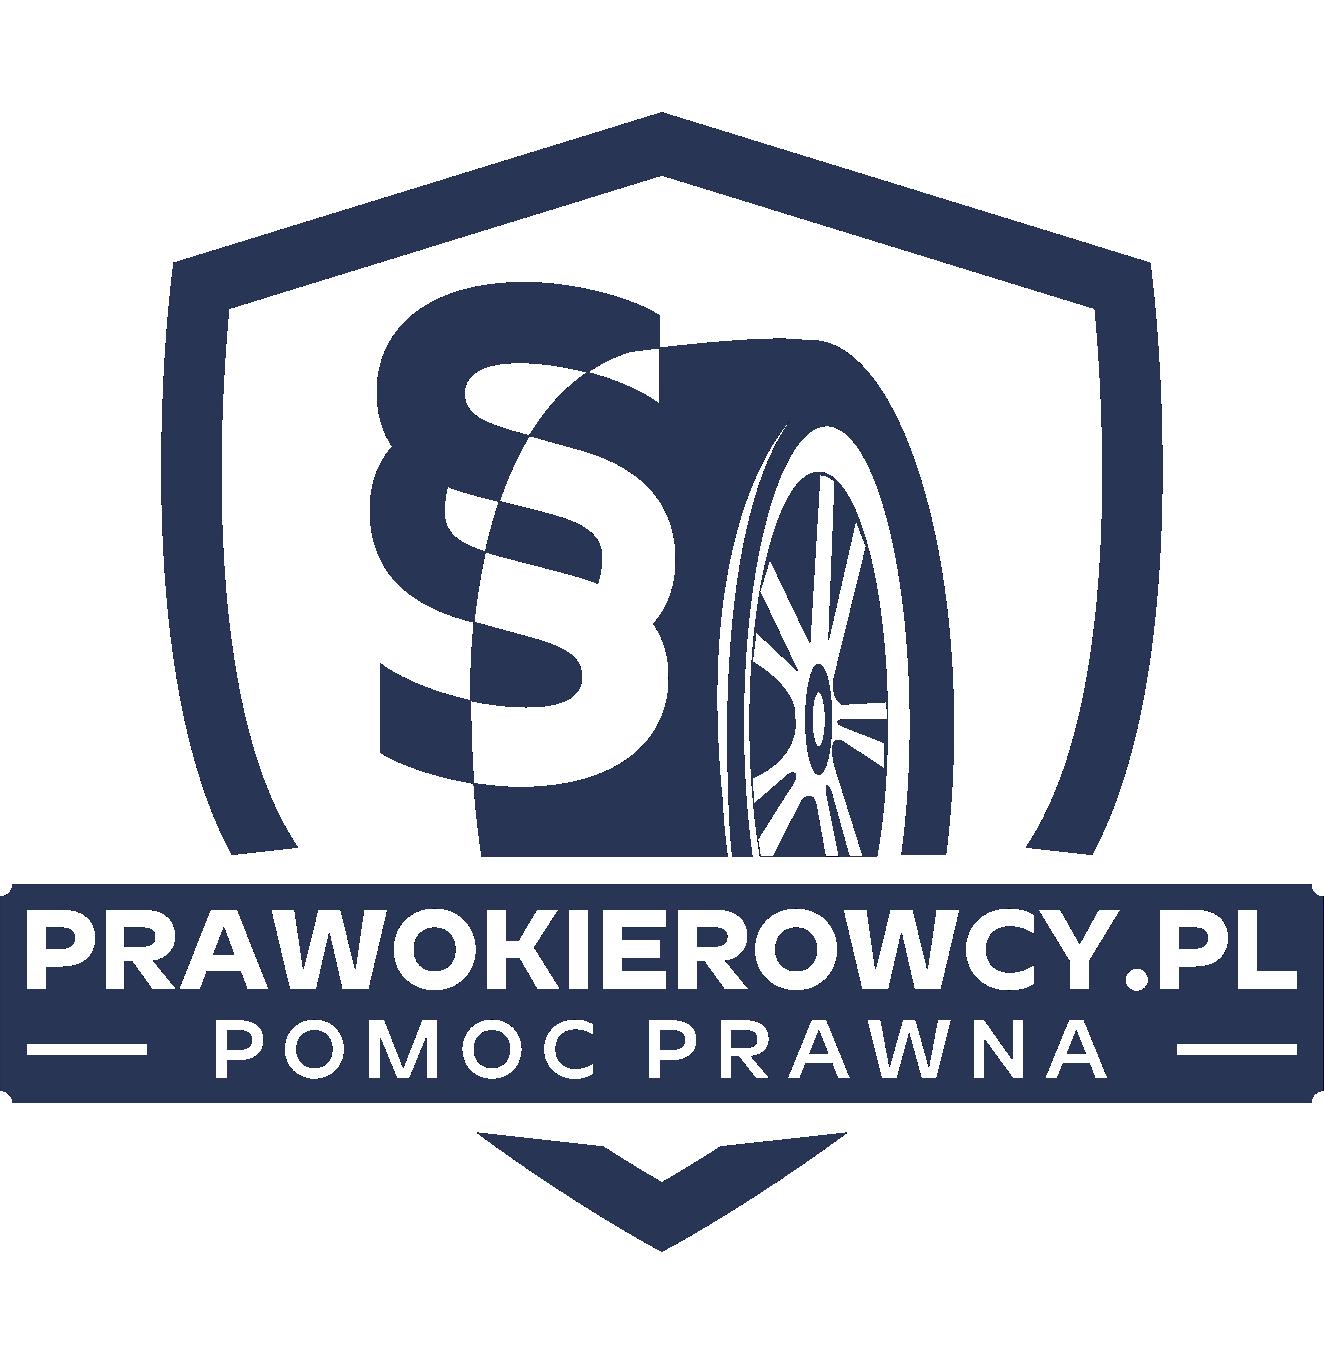 PRAWOKIEROWCY.PL